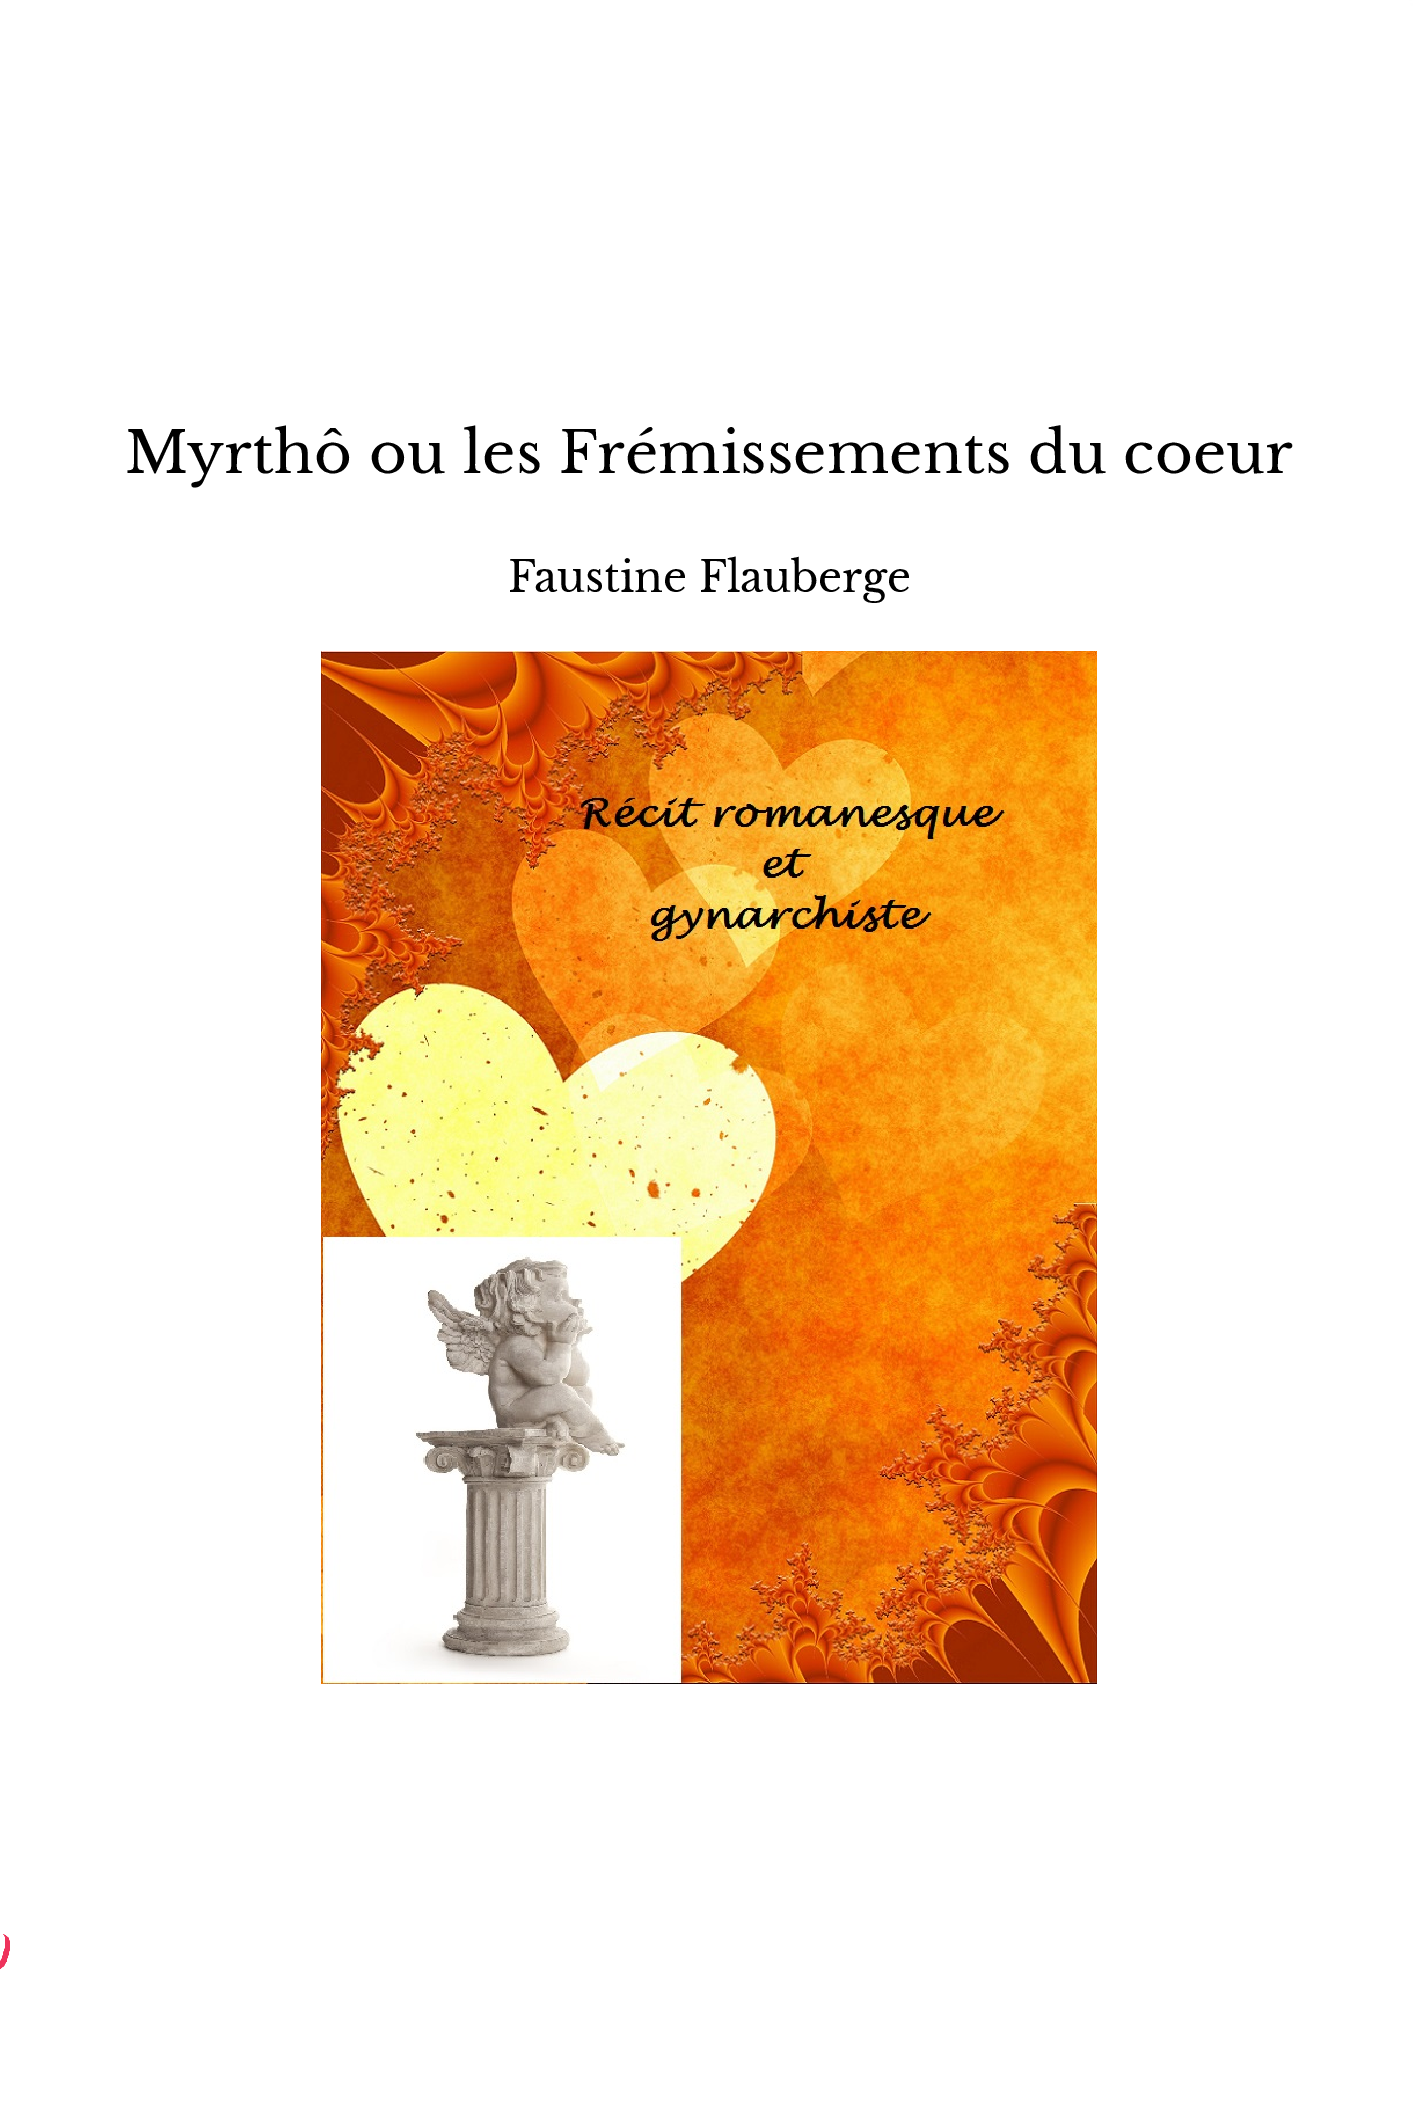 Myrthô ou les Frémissements du coeur